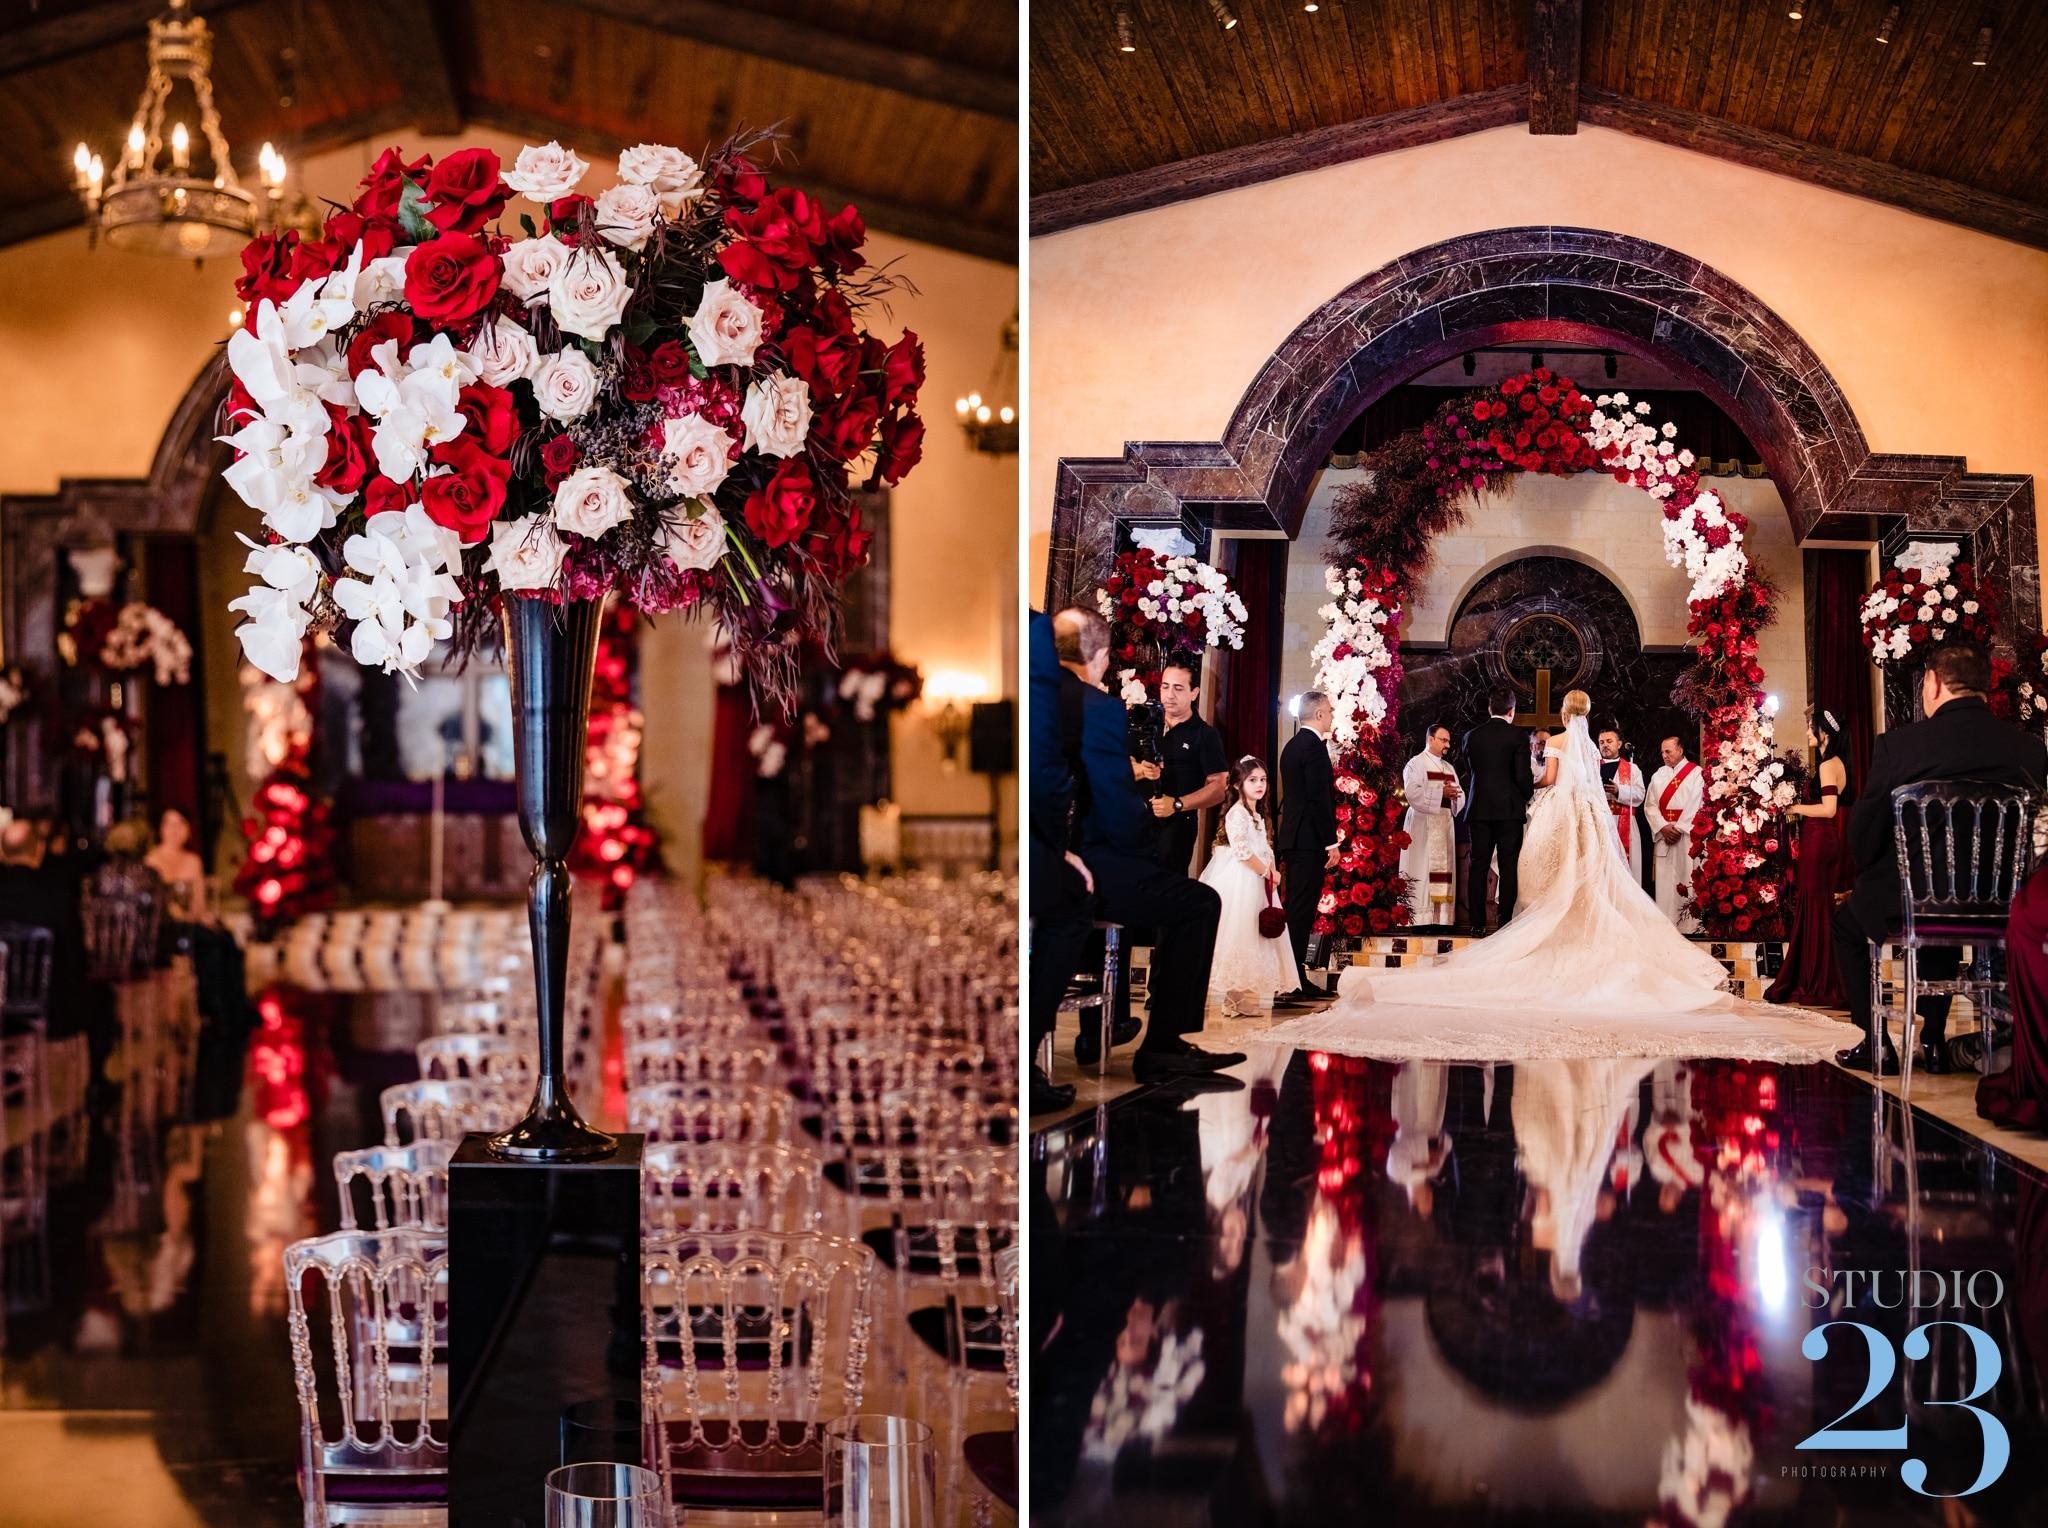 Fairmont Grand Del Mar Wedding